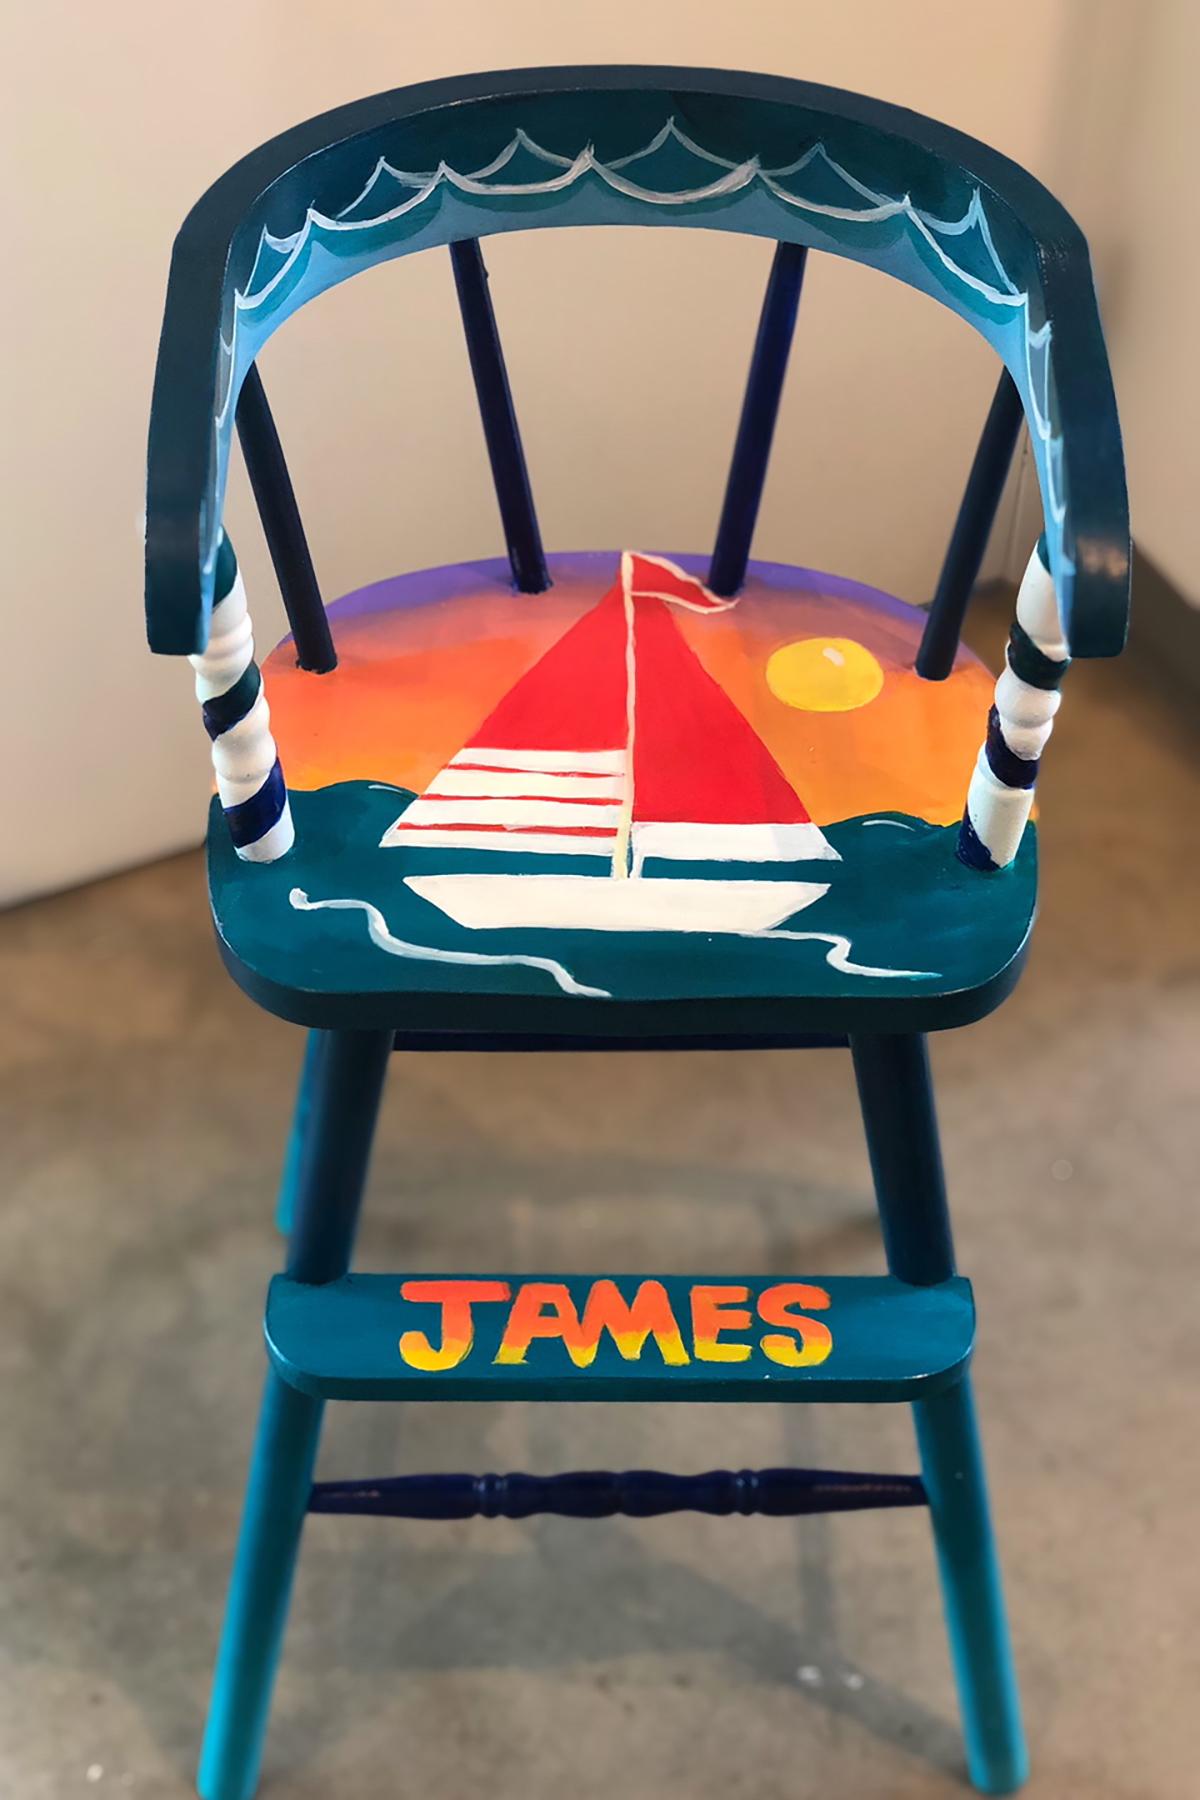 James High Chair_SBrennan.jpg